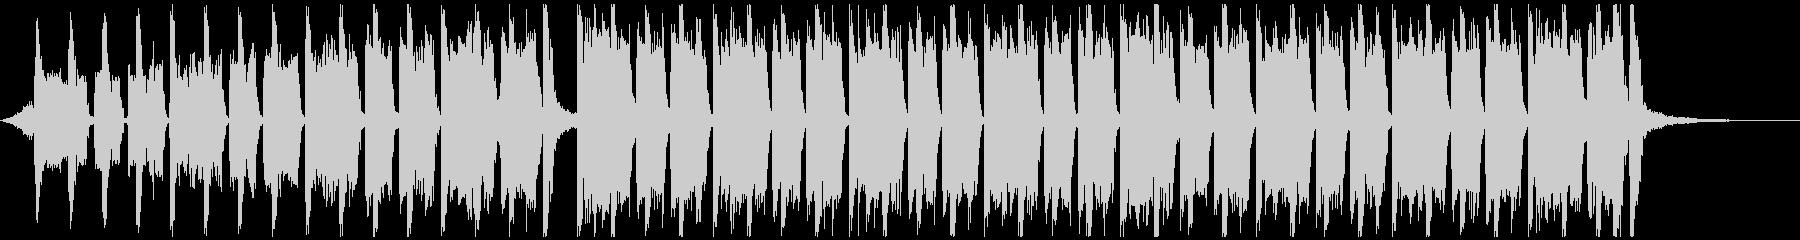 スポーツ音楽(30秒)の未再生の波形